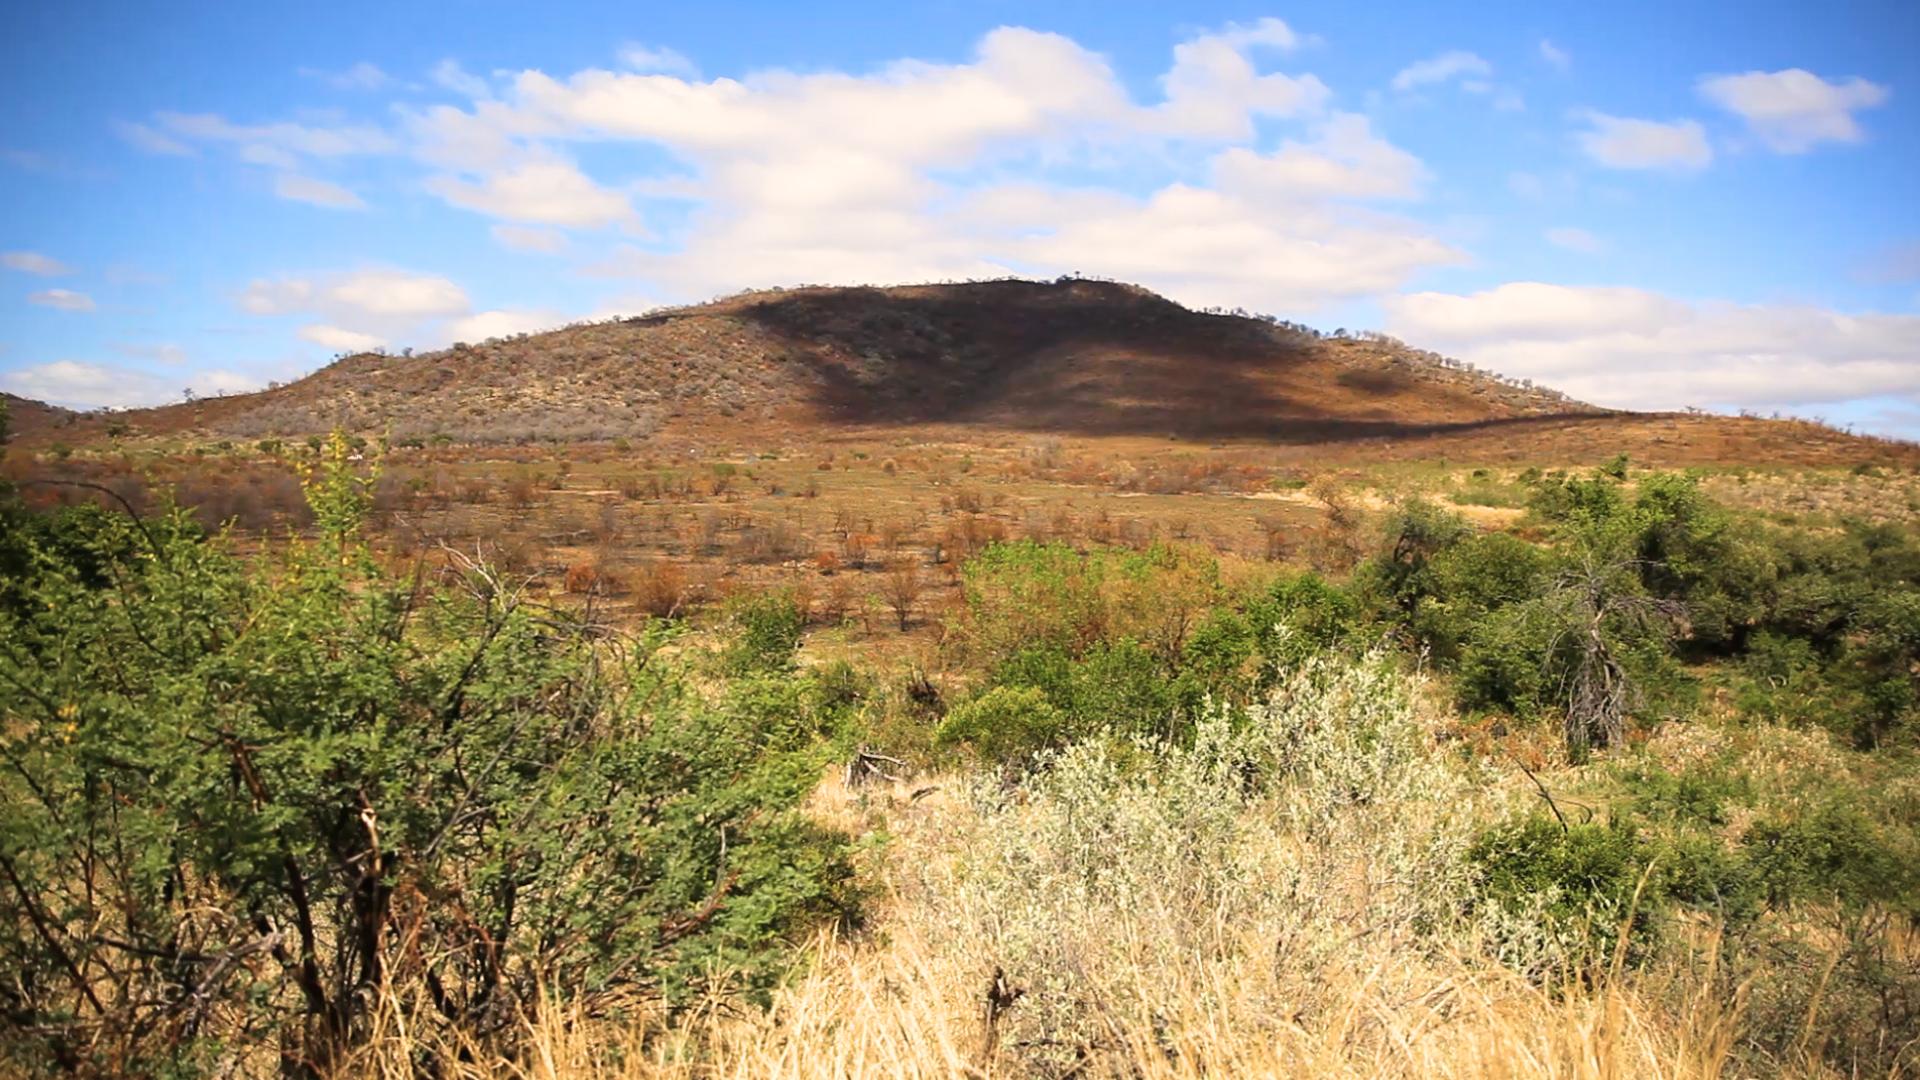 Националният парк Пиланесбърг в Южна Африка е разположен върху 550 кв. км. паркова площ, част от вулканичен кратер на 1300 милиона години, един от най-големите от този тип в света. Пиланесбърг е едно от малкото свободни от малария диви места, обитавани от големите пет. Тук се разхождат на свобода над 7000 диви животни.